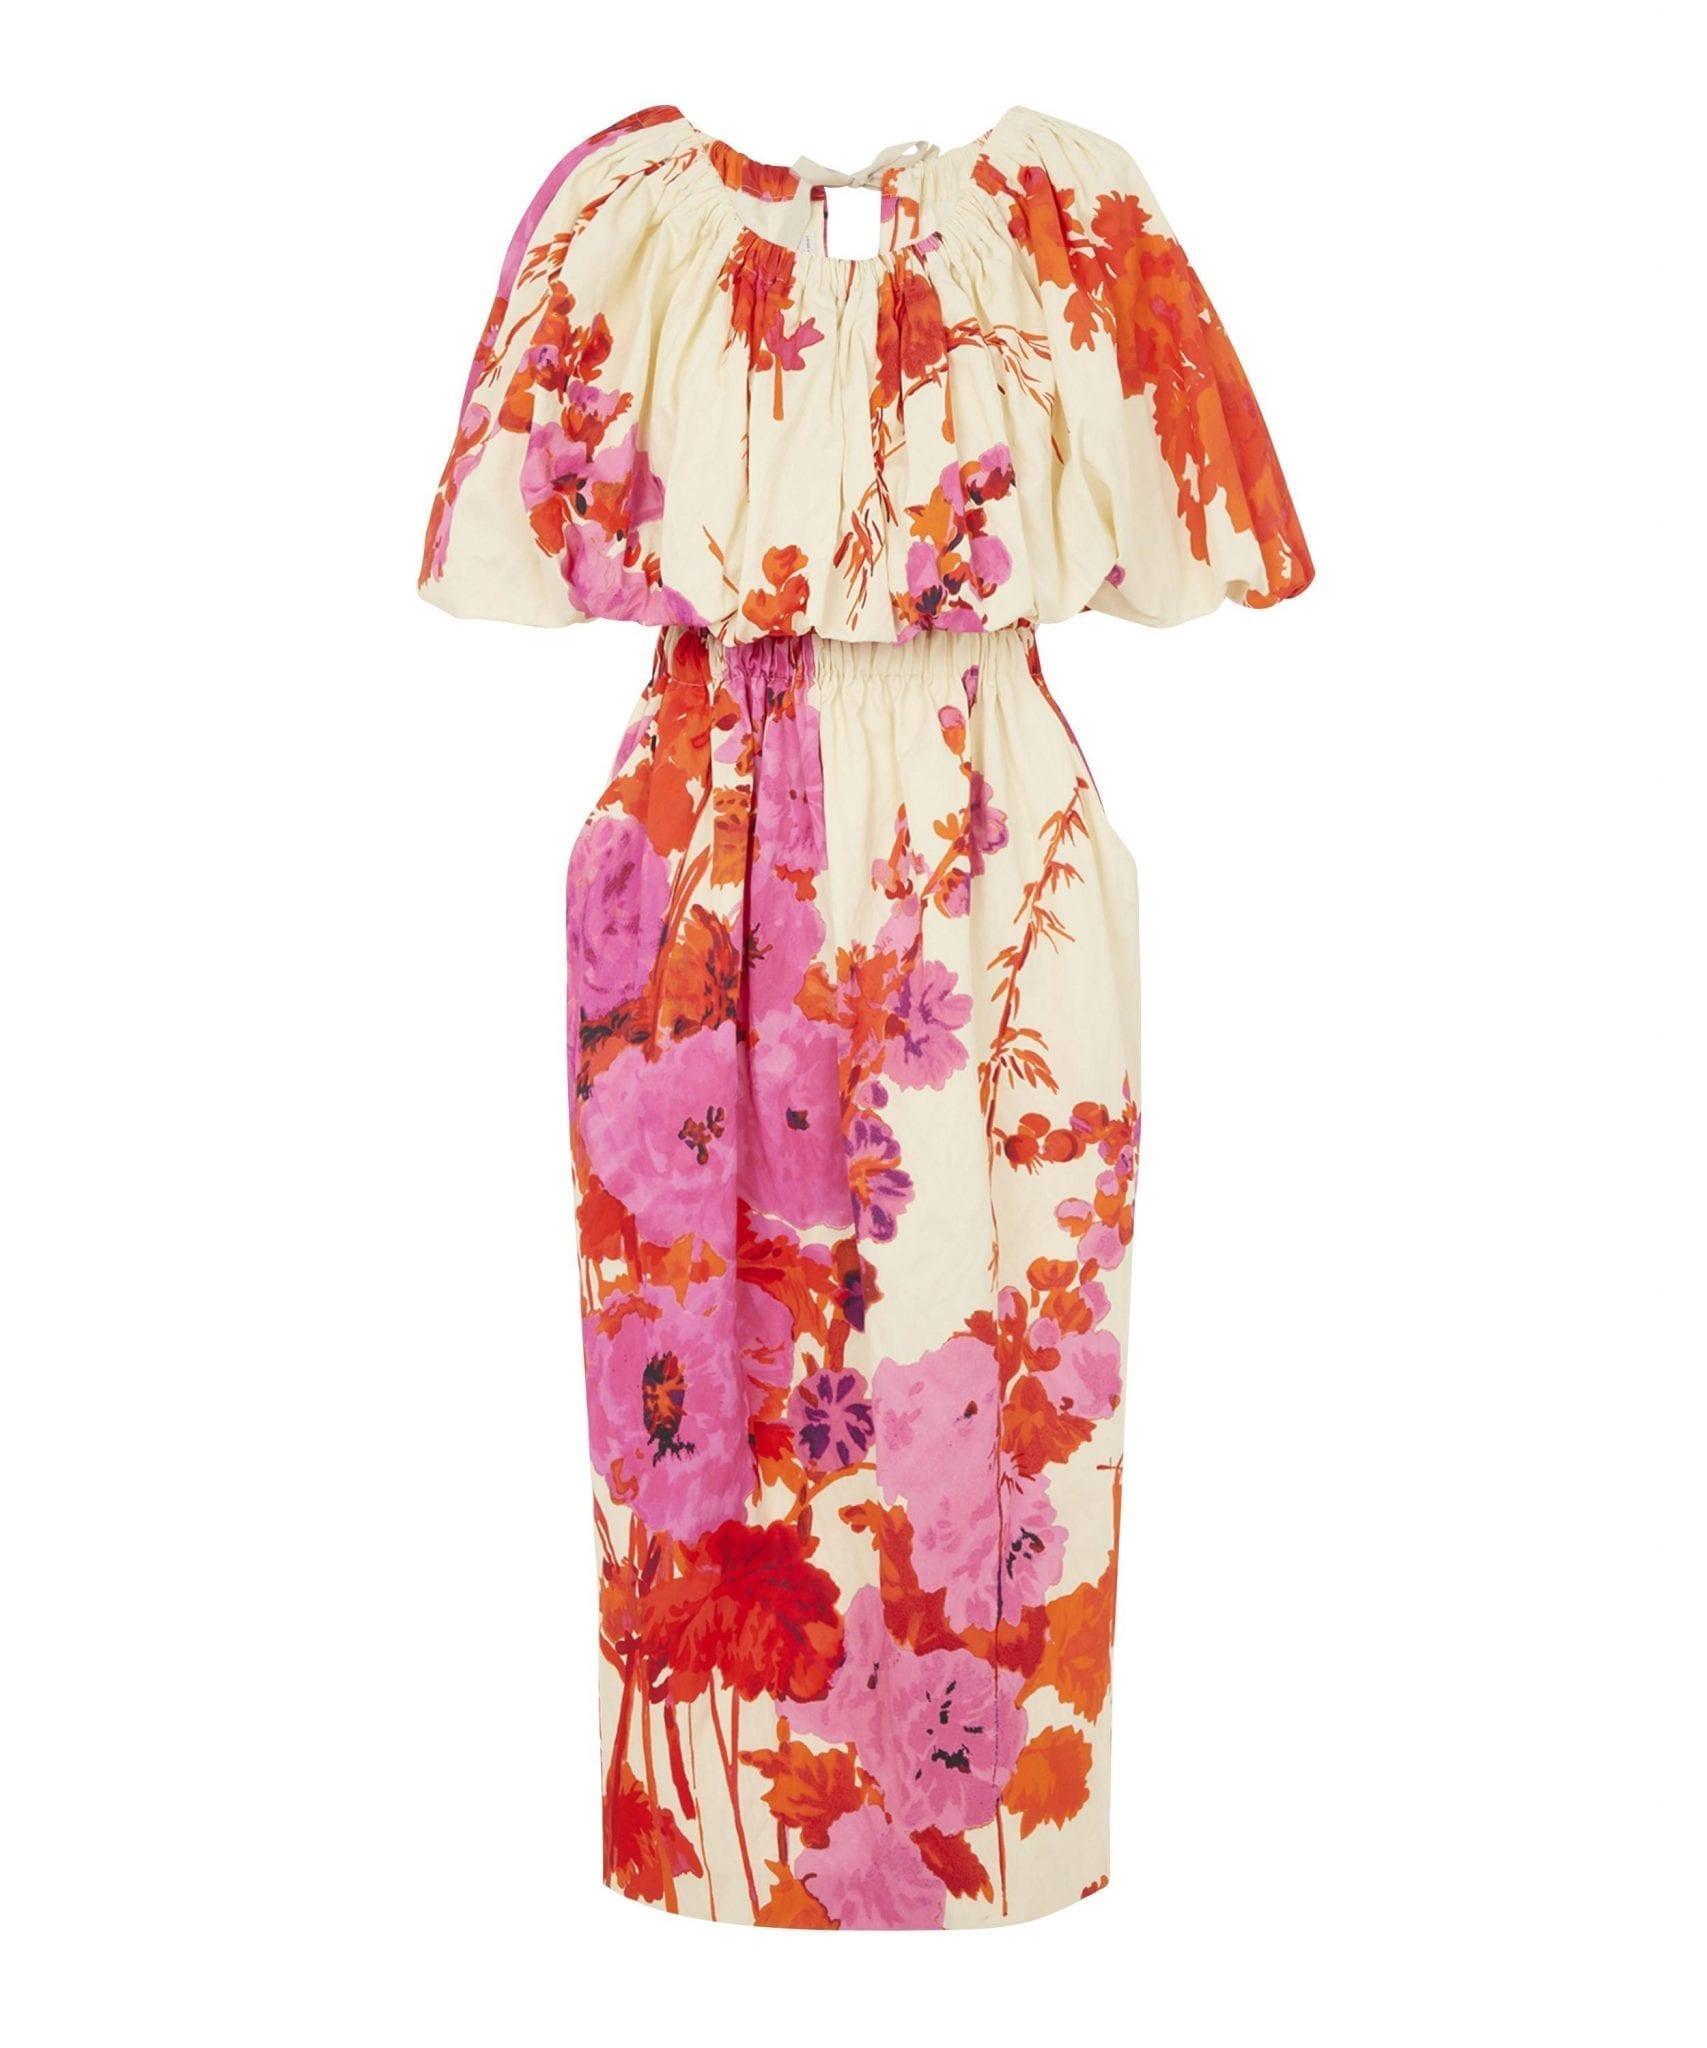 DRIES VAN NOTEN Cotton Floral Ankle-Length Dress